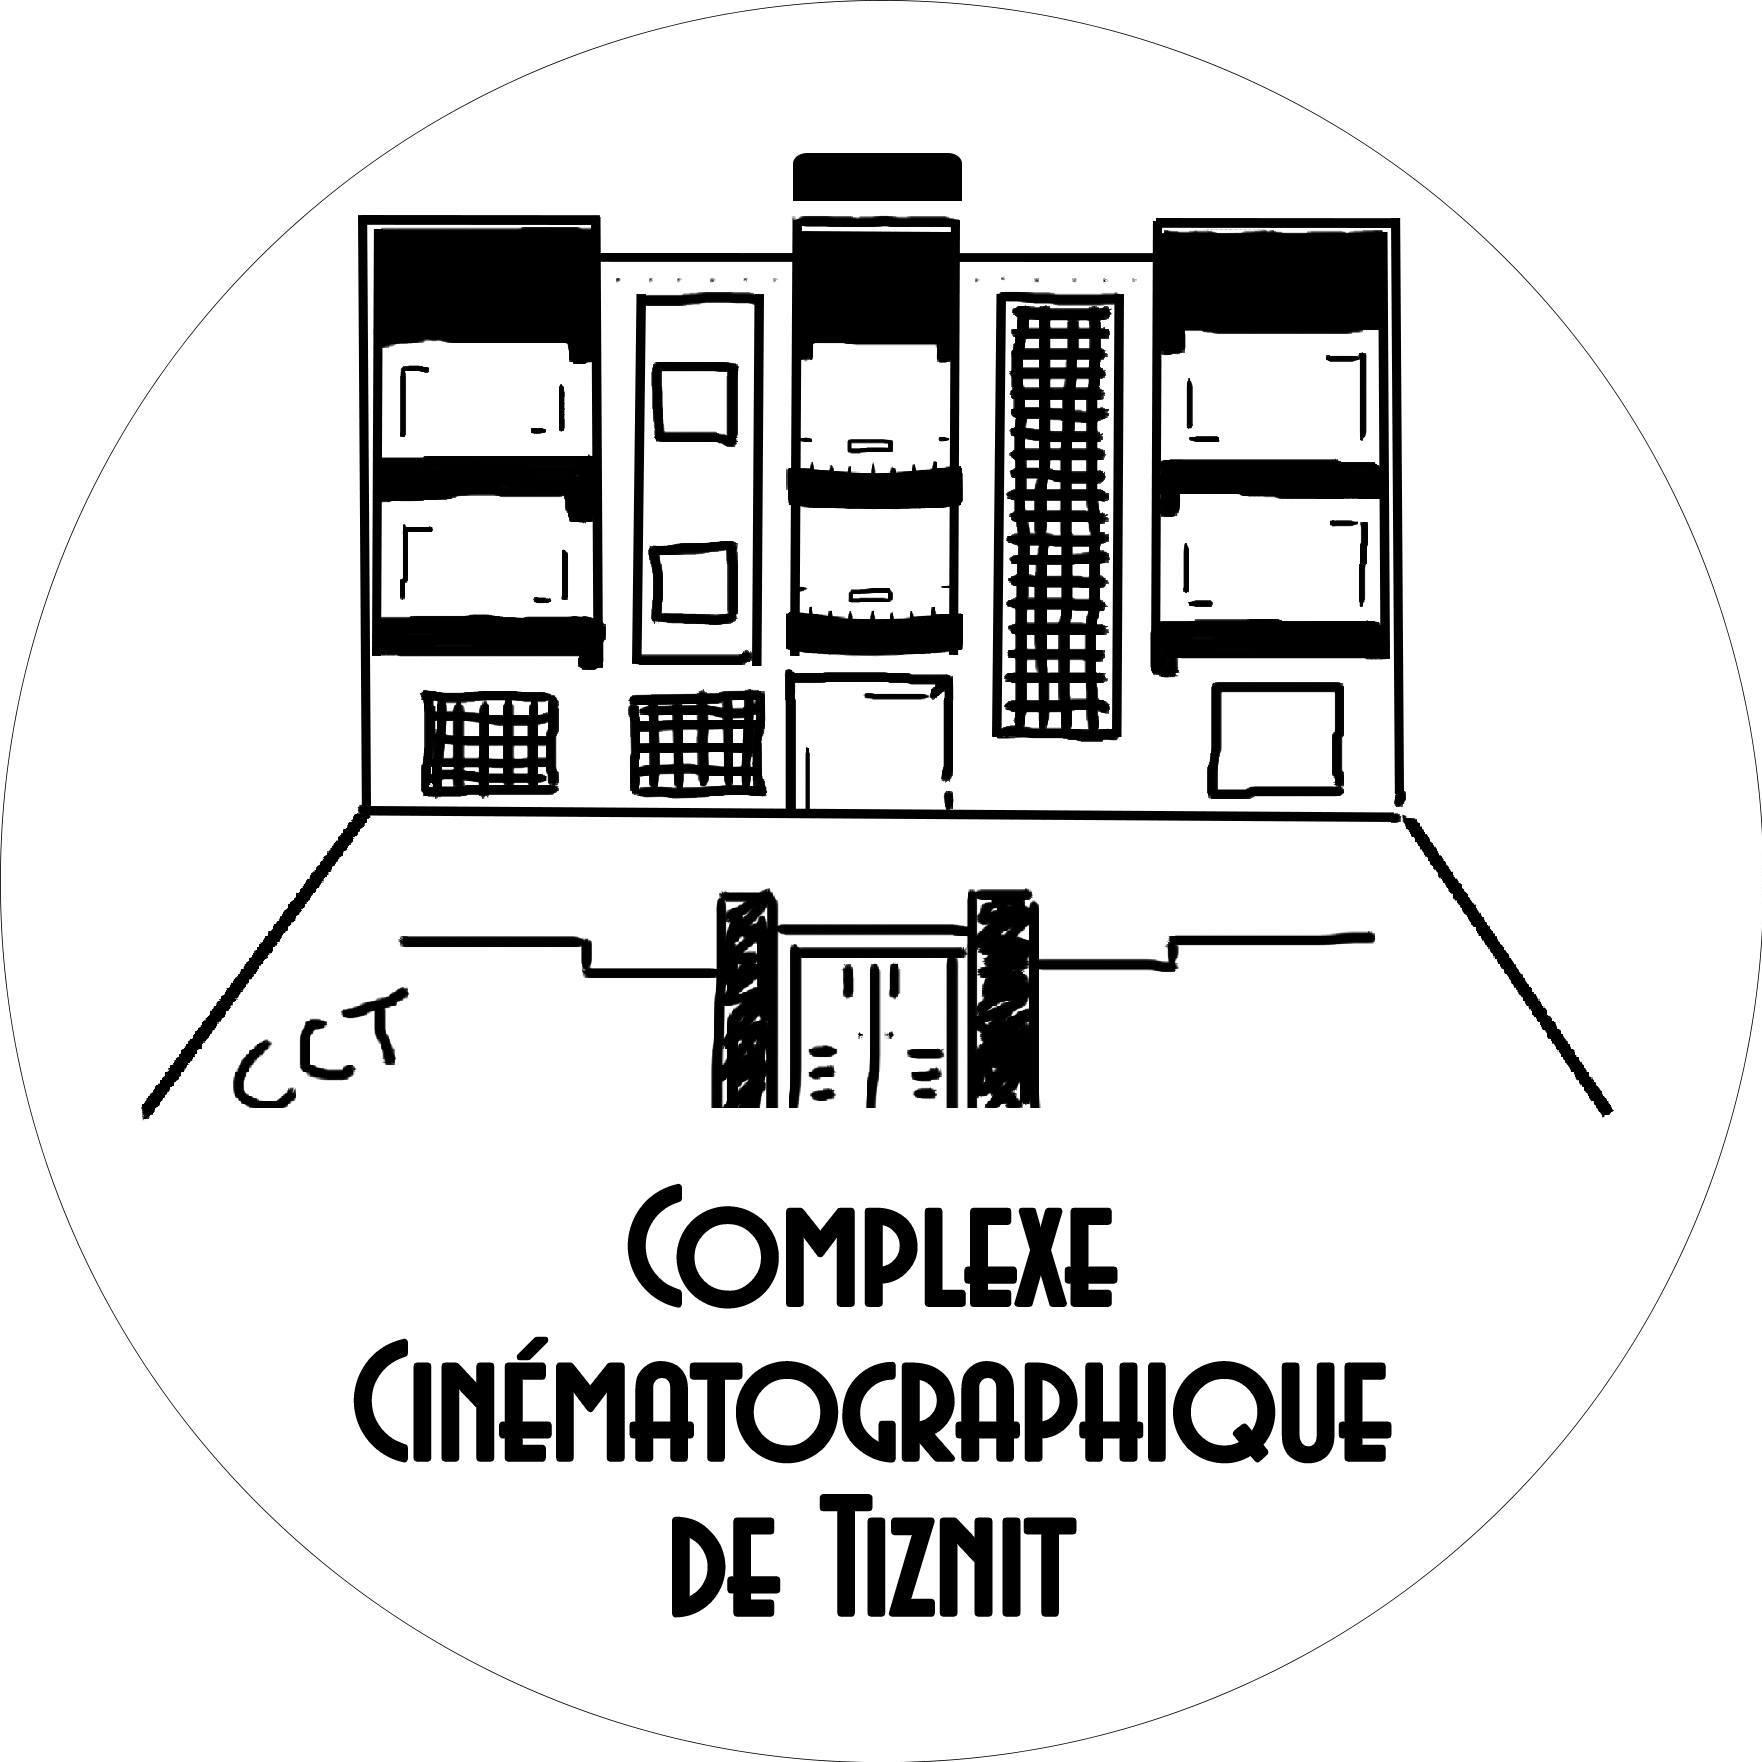 Complexe cinématographique de Tiznit